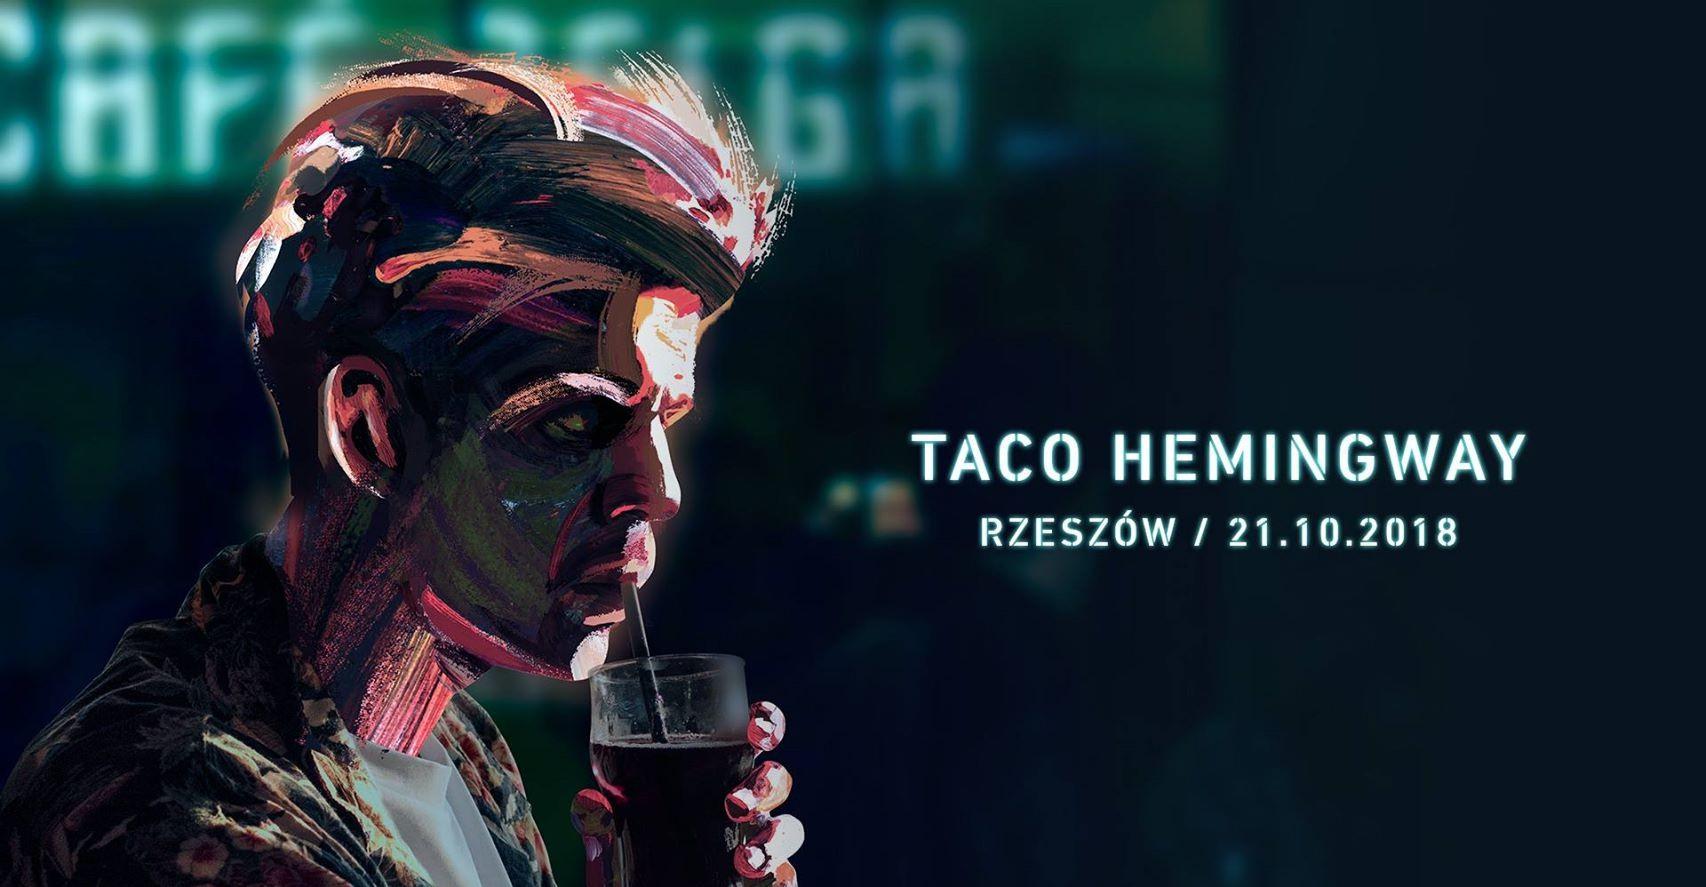 NIEDZIELA: Taco Hemingway w Rzeszowie